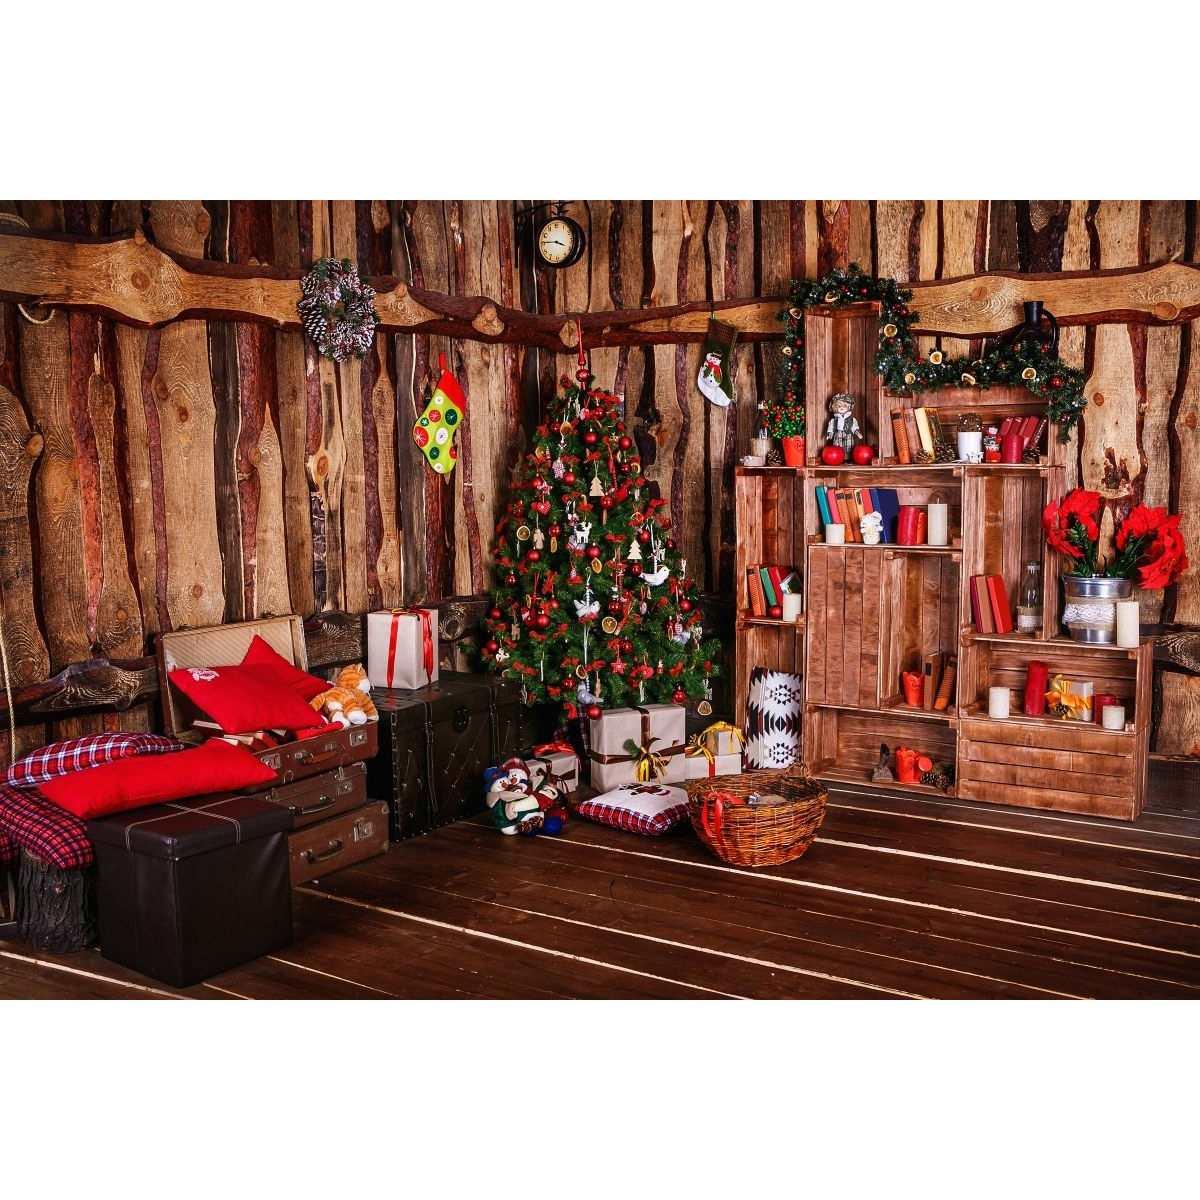 7x5FT Retro Christmas Tree Vinyl Photography Background Props Studio Photo Studio 2017 New Arrival new arrival 3x5ft vinyl background studio photography photo props christmas tree backdrop